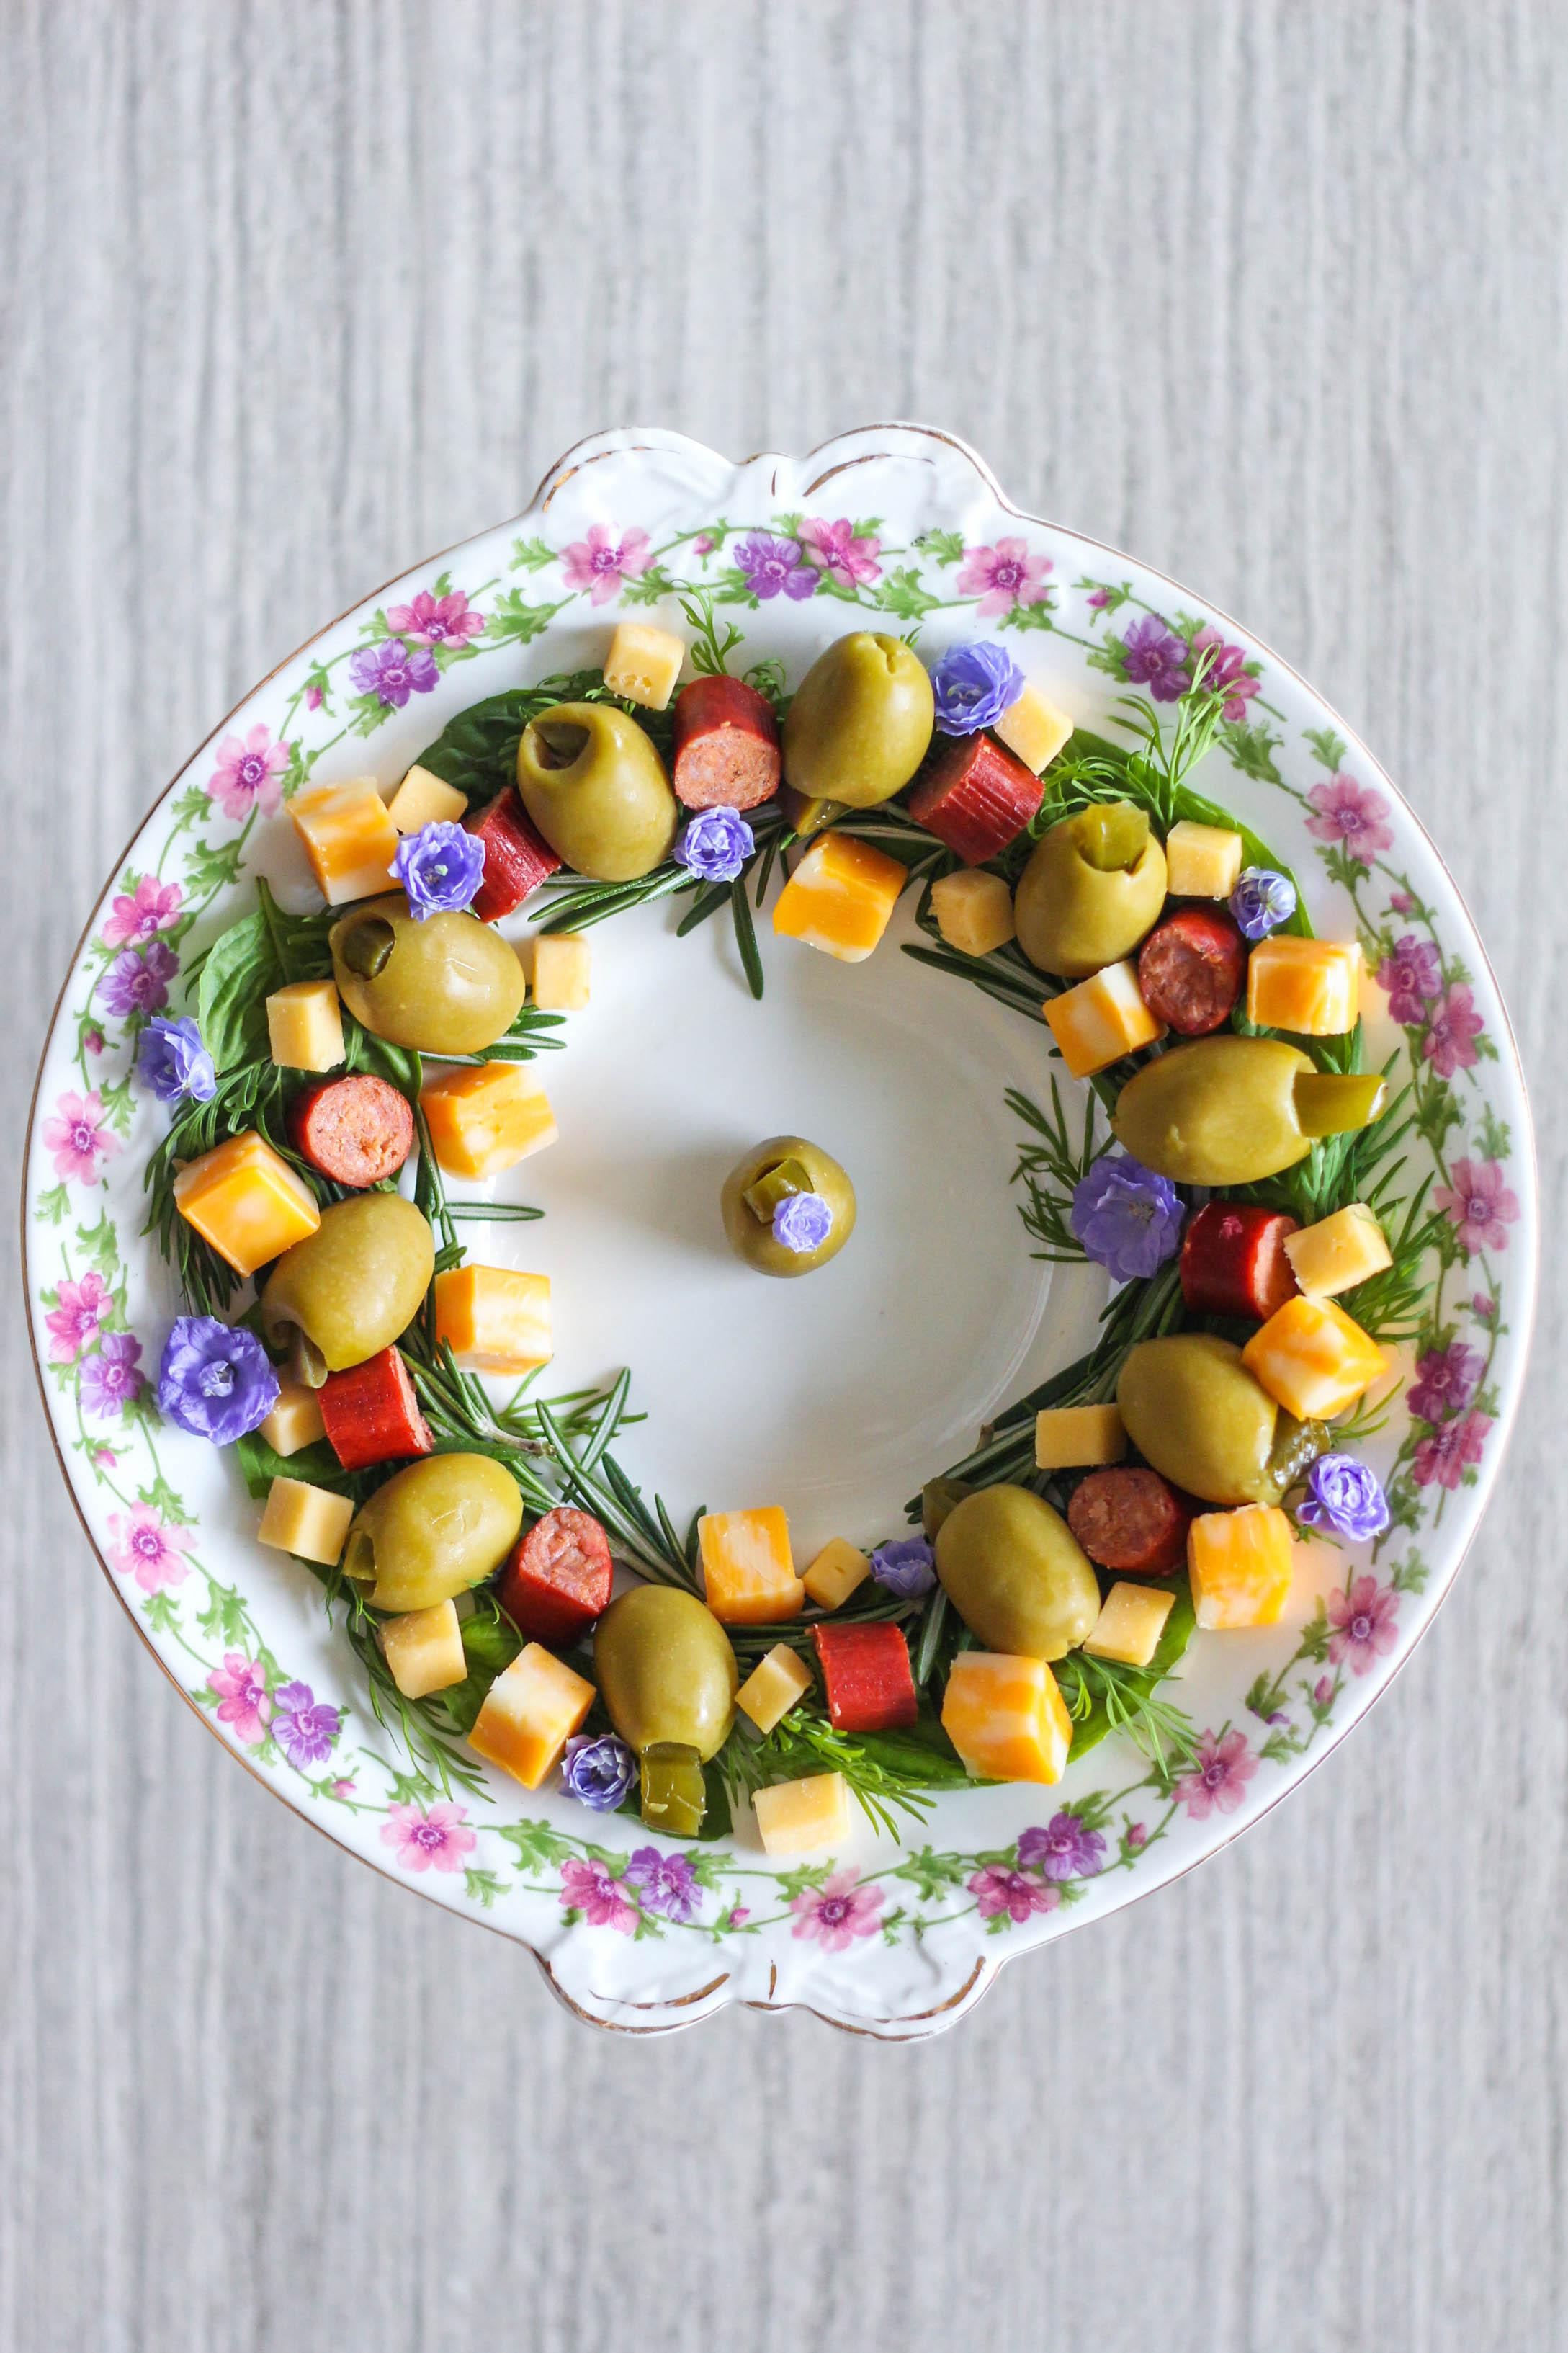 Jalapeño Stuffed Olives, Herb Wreath, Pearls Specialties